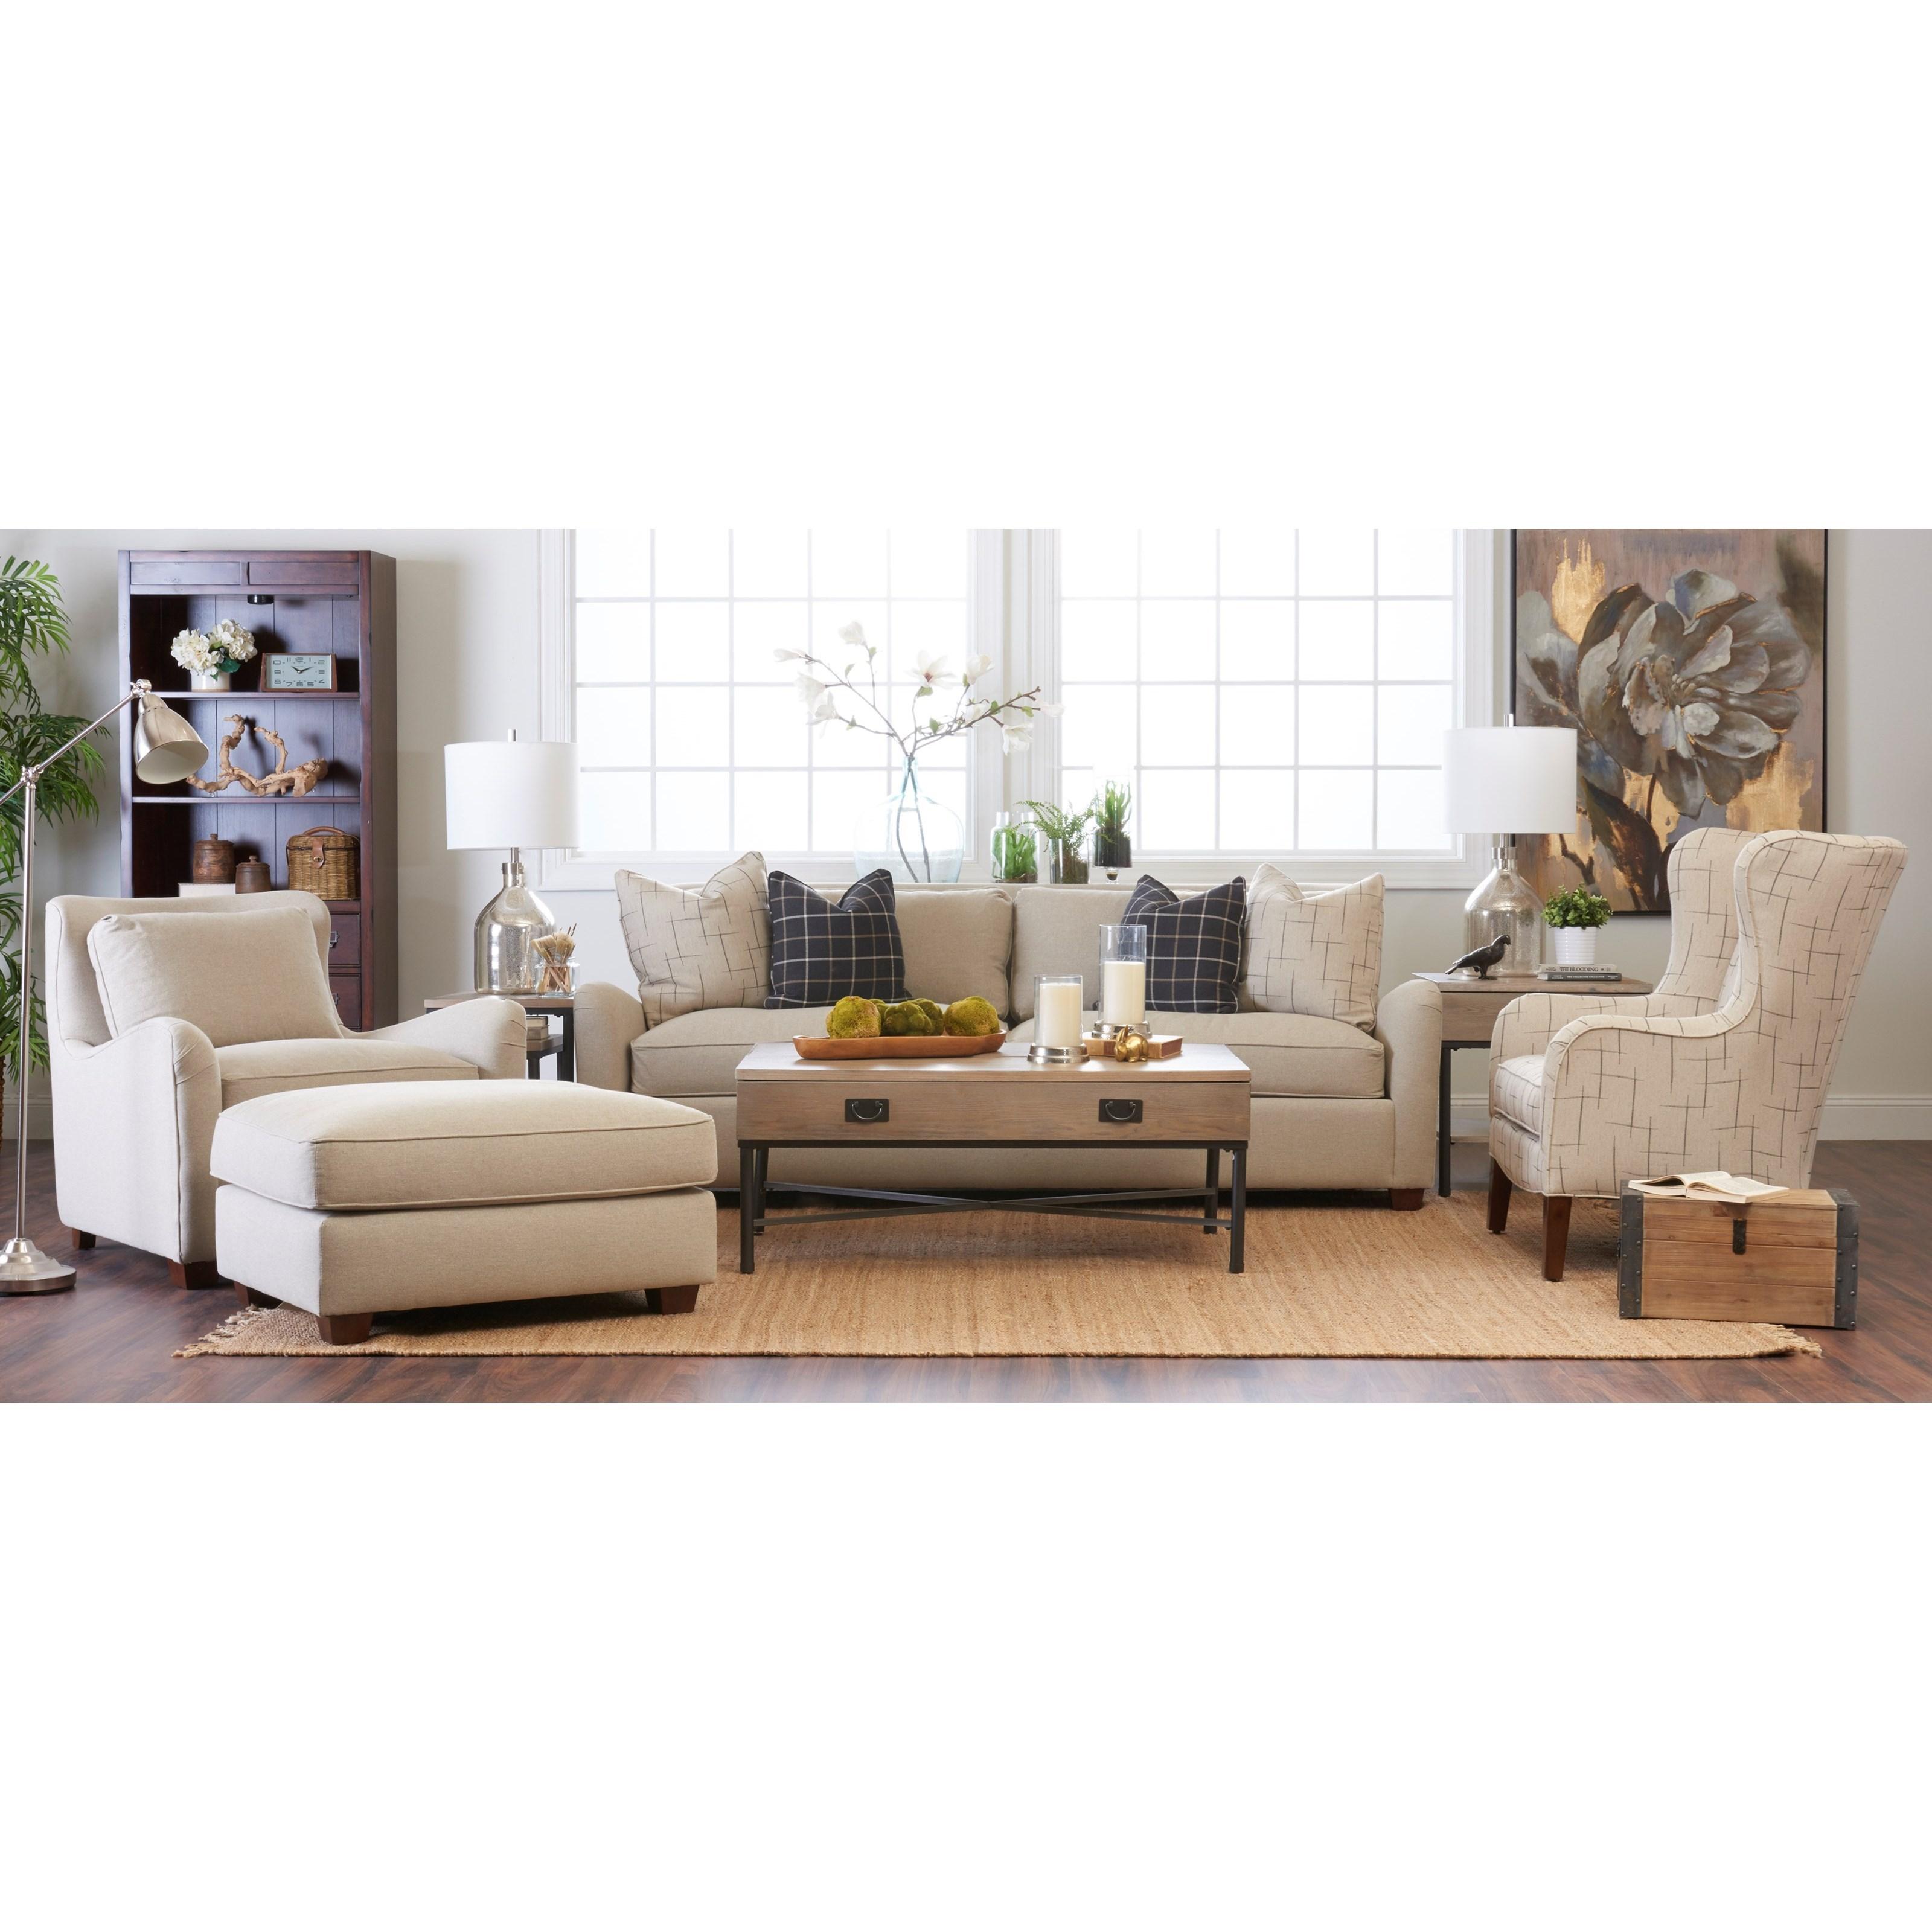 Klaussner reflection living room group hudson 39 s for Klaus k living room brunssi